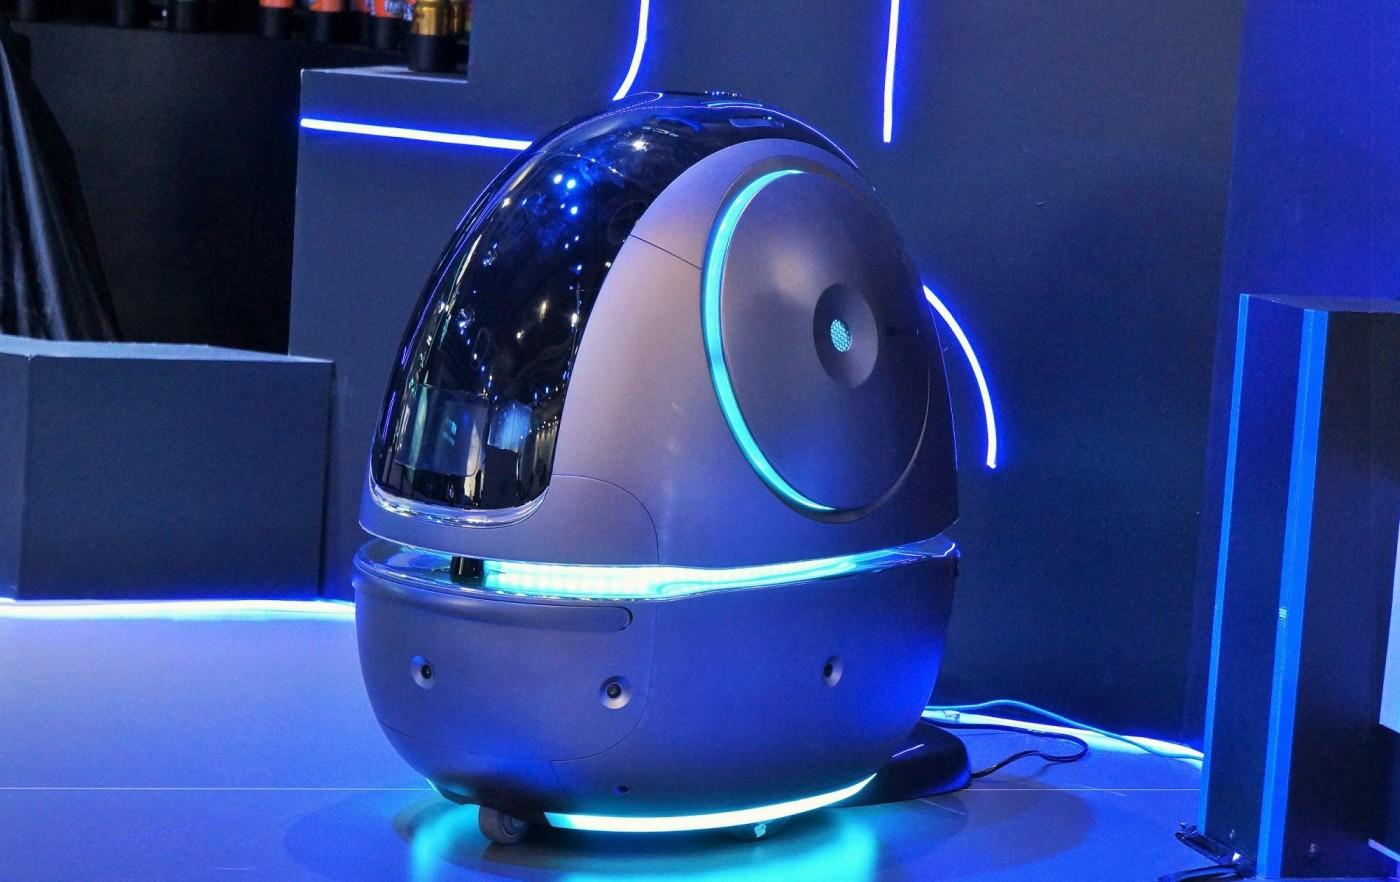 阿里巴巴一口氣發表三款AI機器人,要從居家走向飯店、醫院和大馬路